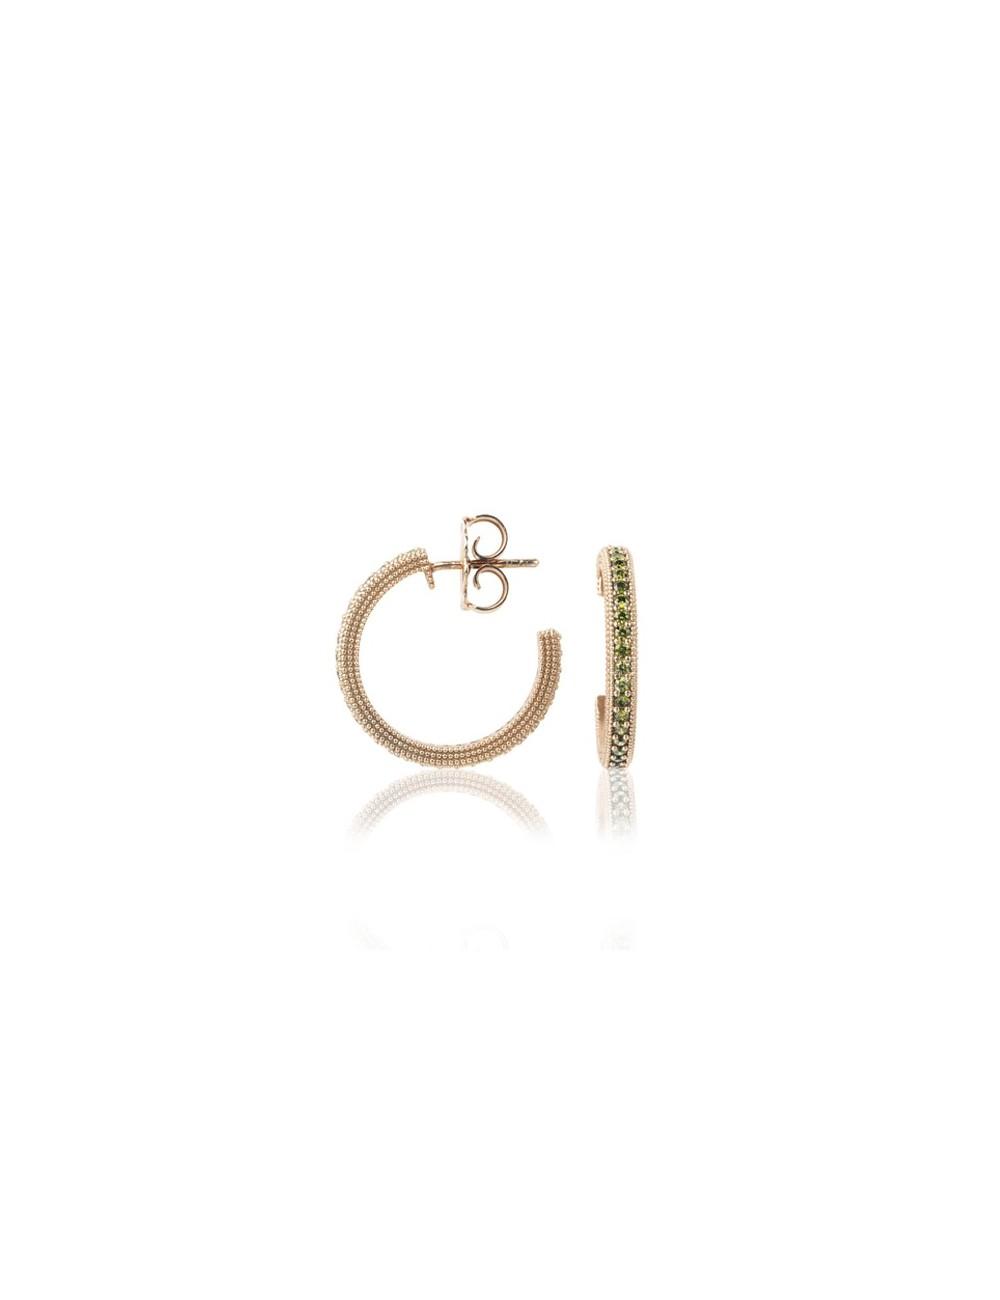 Sunfield -Pendientes Sunfield plata baño oro rosa y circonitas -PE062530/2